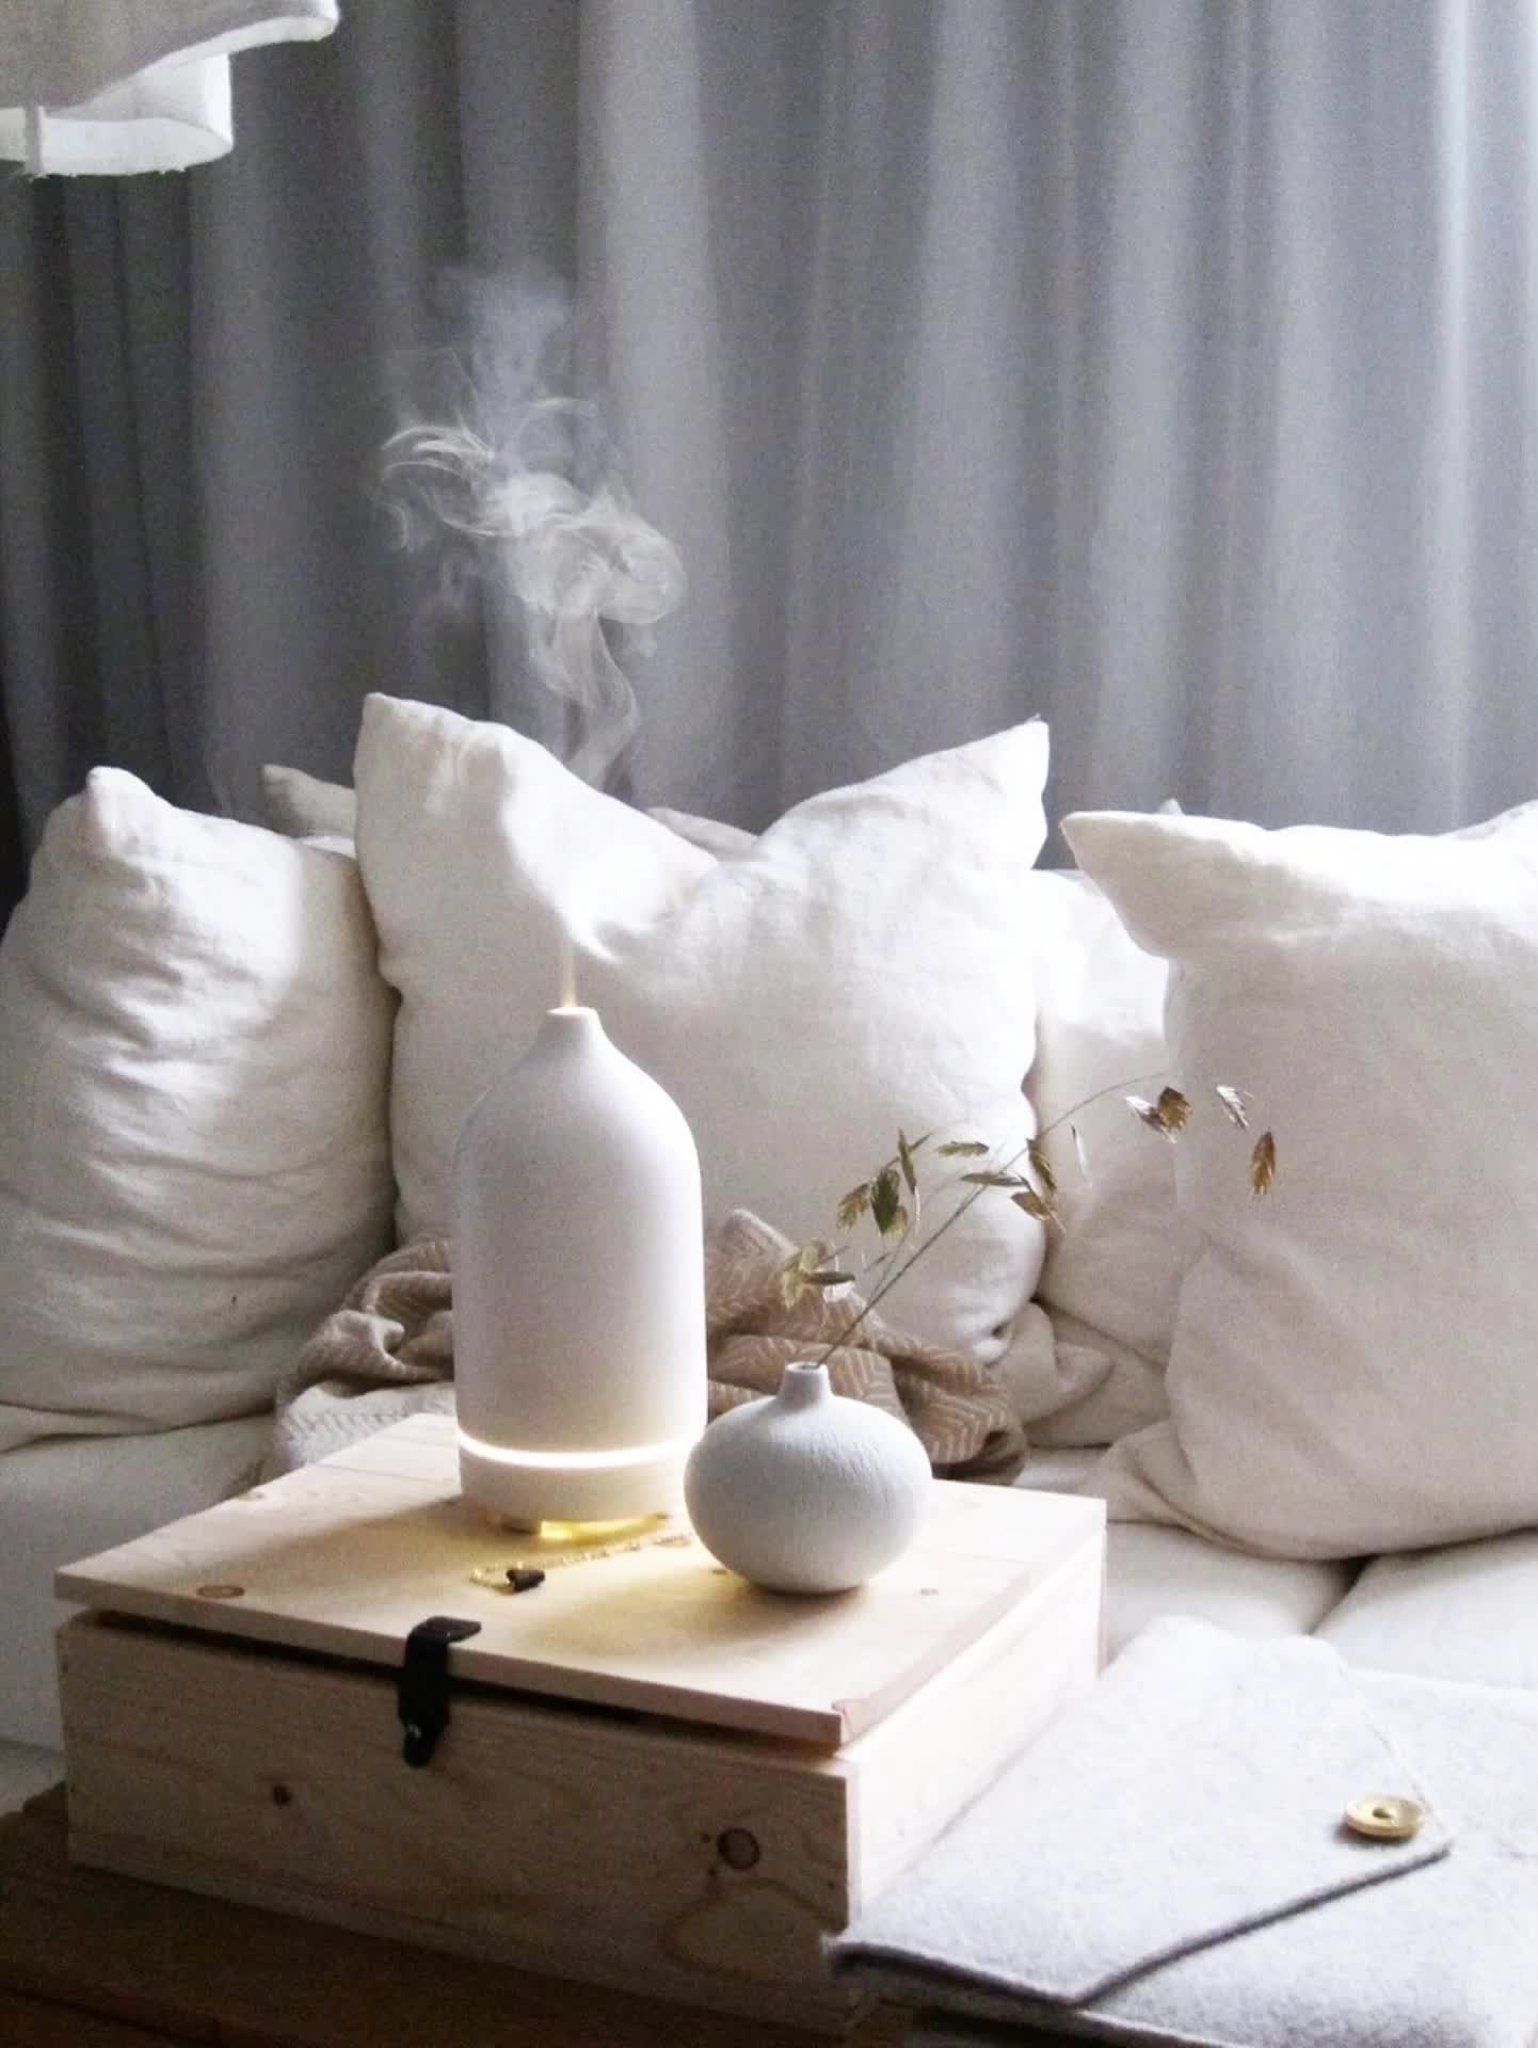 aromaspridare diffuser